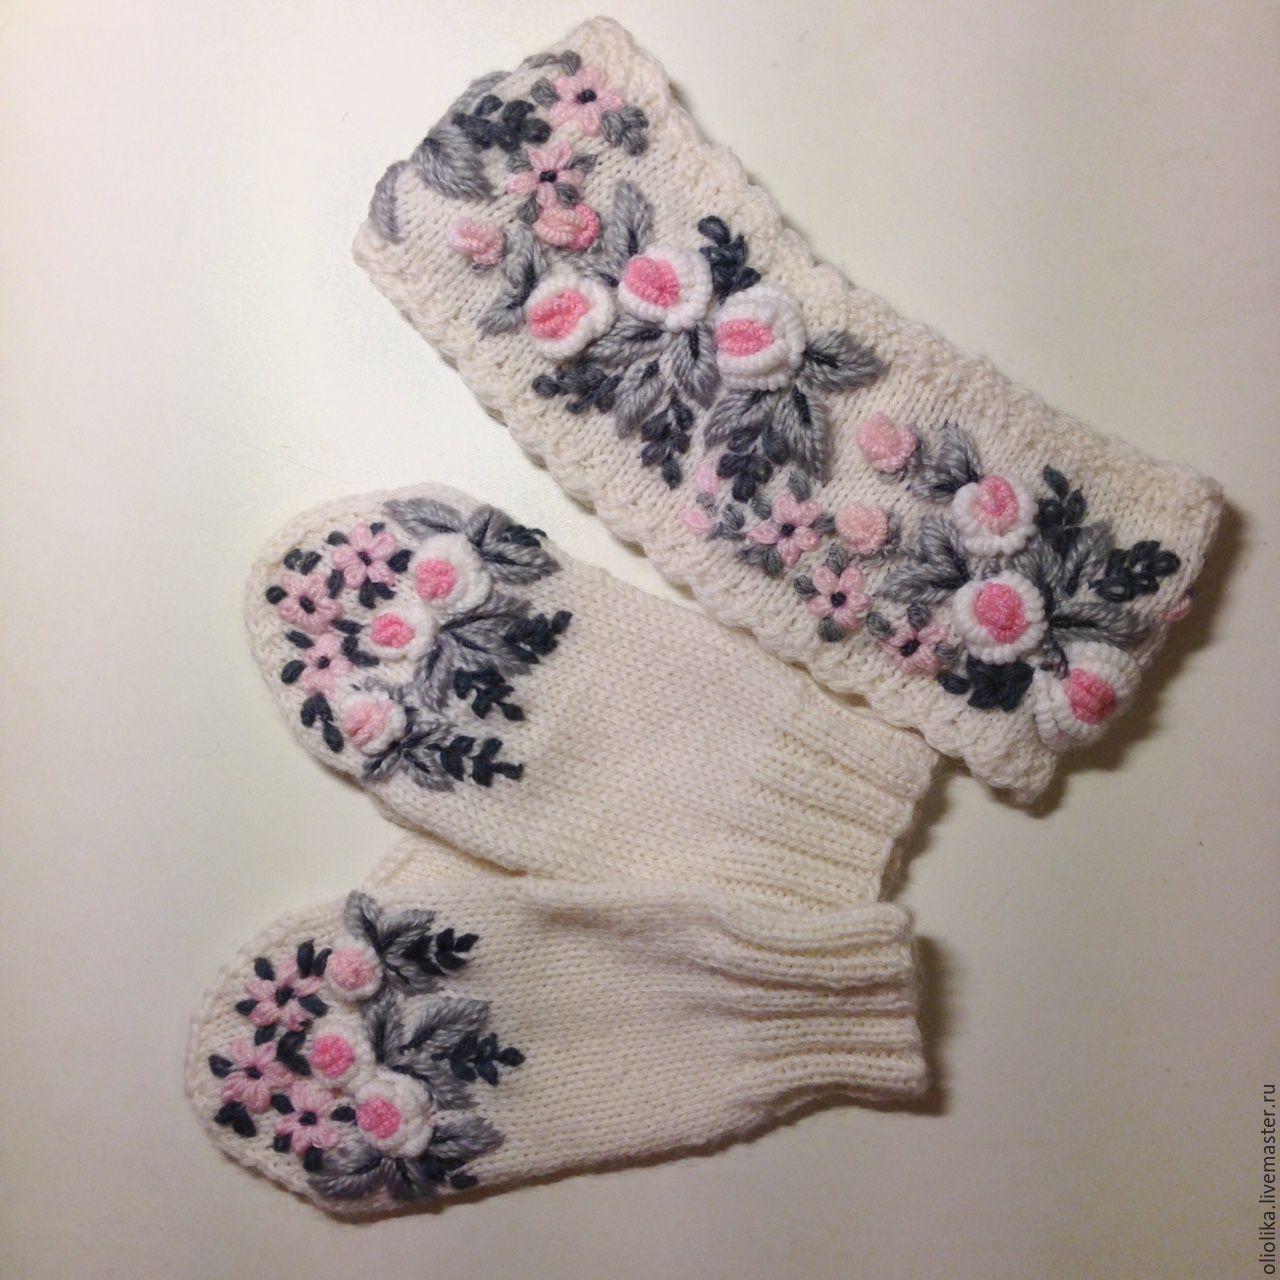 Как изменить туфли своими руками